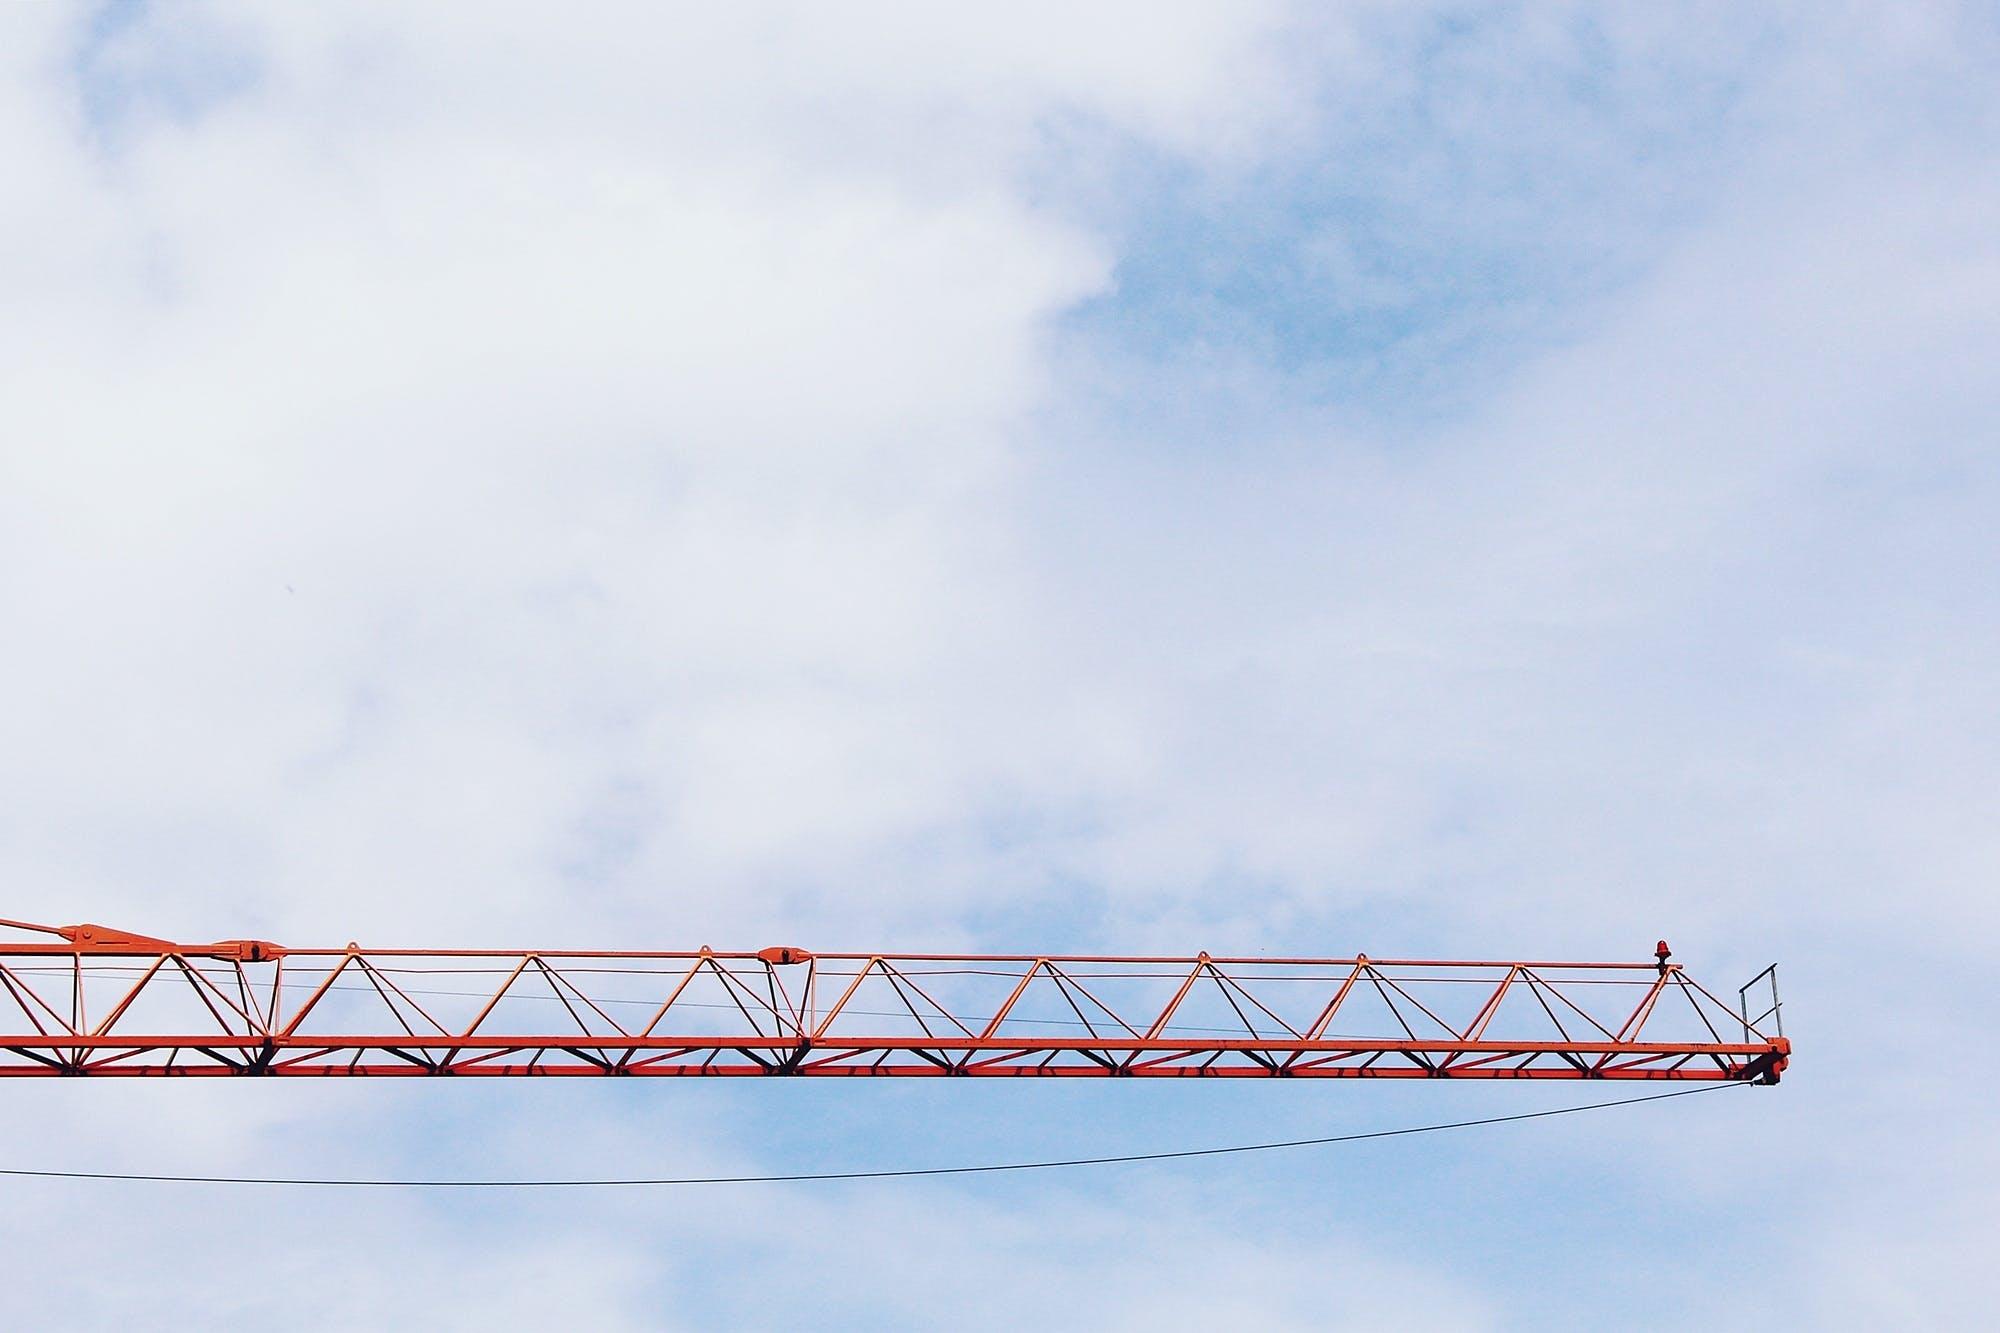 Kostenloses Stock Foto zu bauen, blauer himmel, draht, eisen